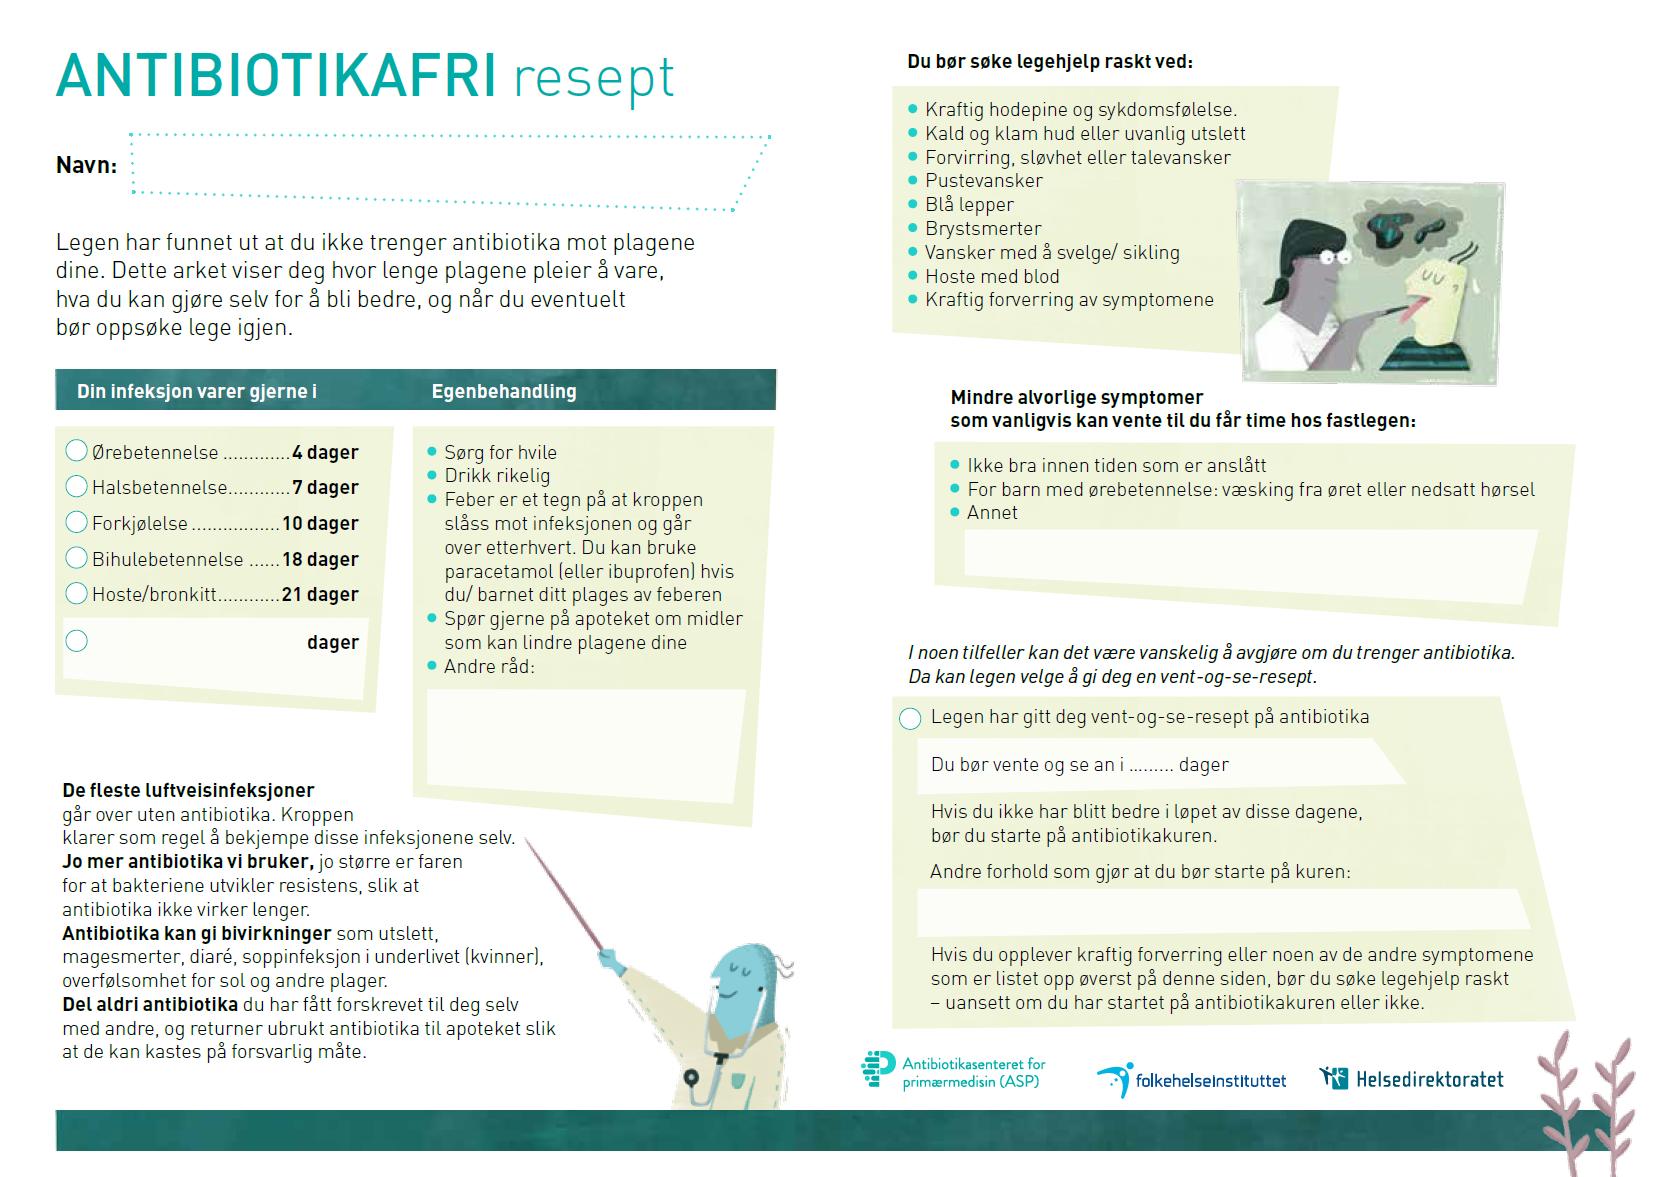 Antibiotikafri resept - norsk